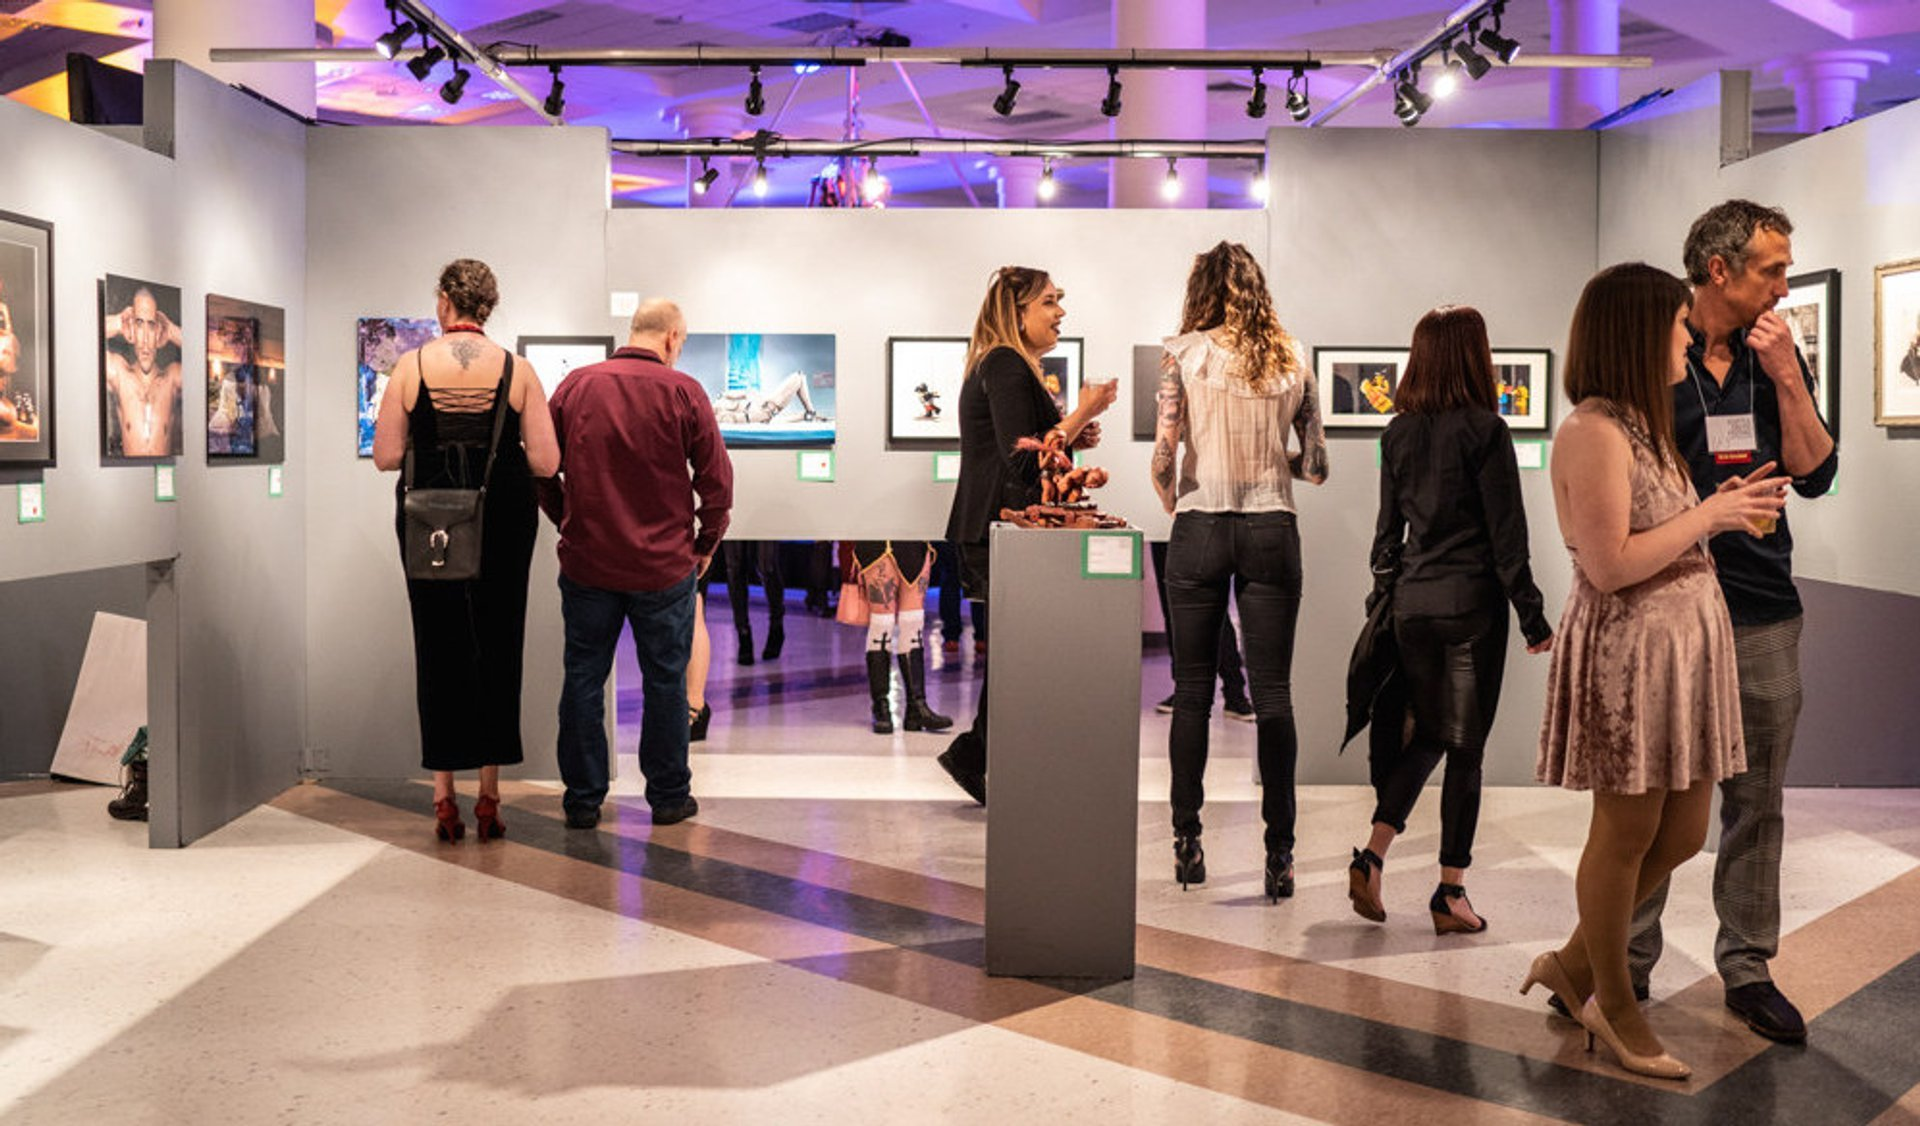 Seattle Erotic Art Festival in Seattle - Best Season